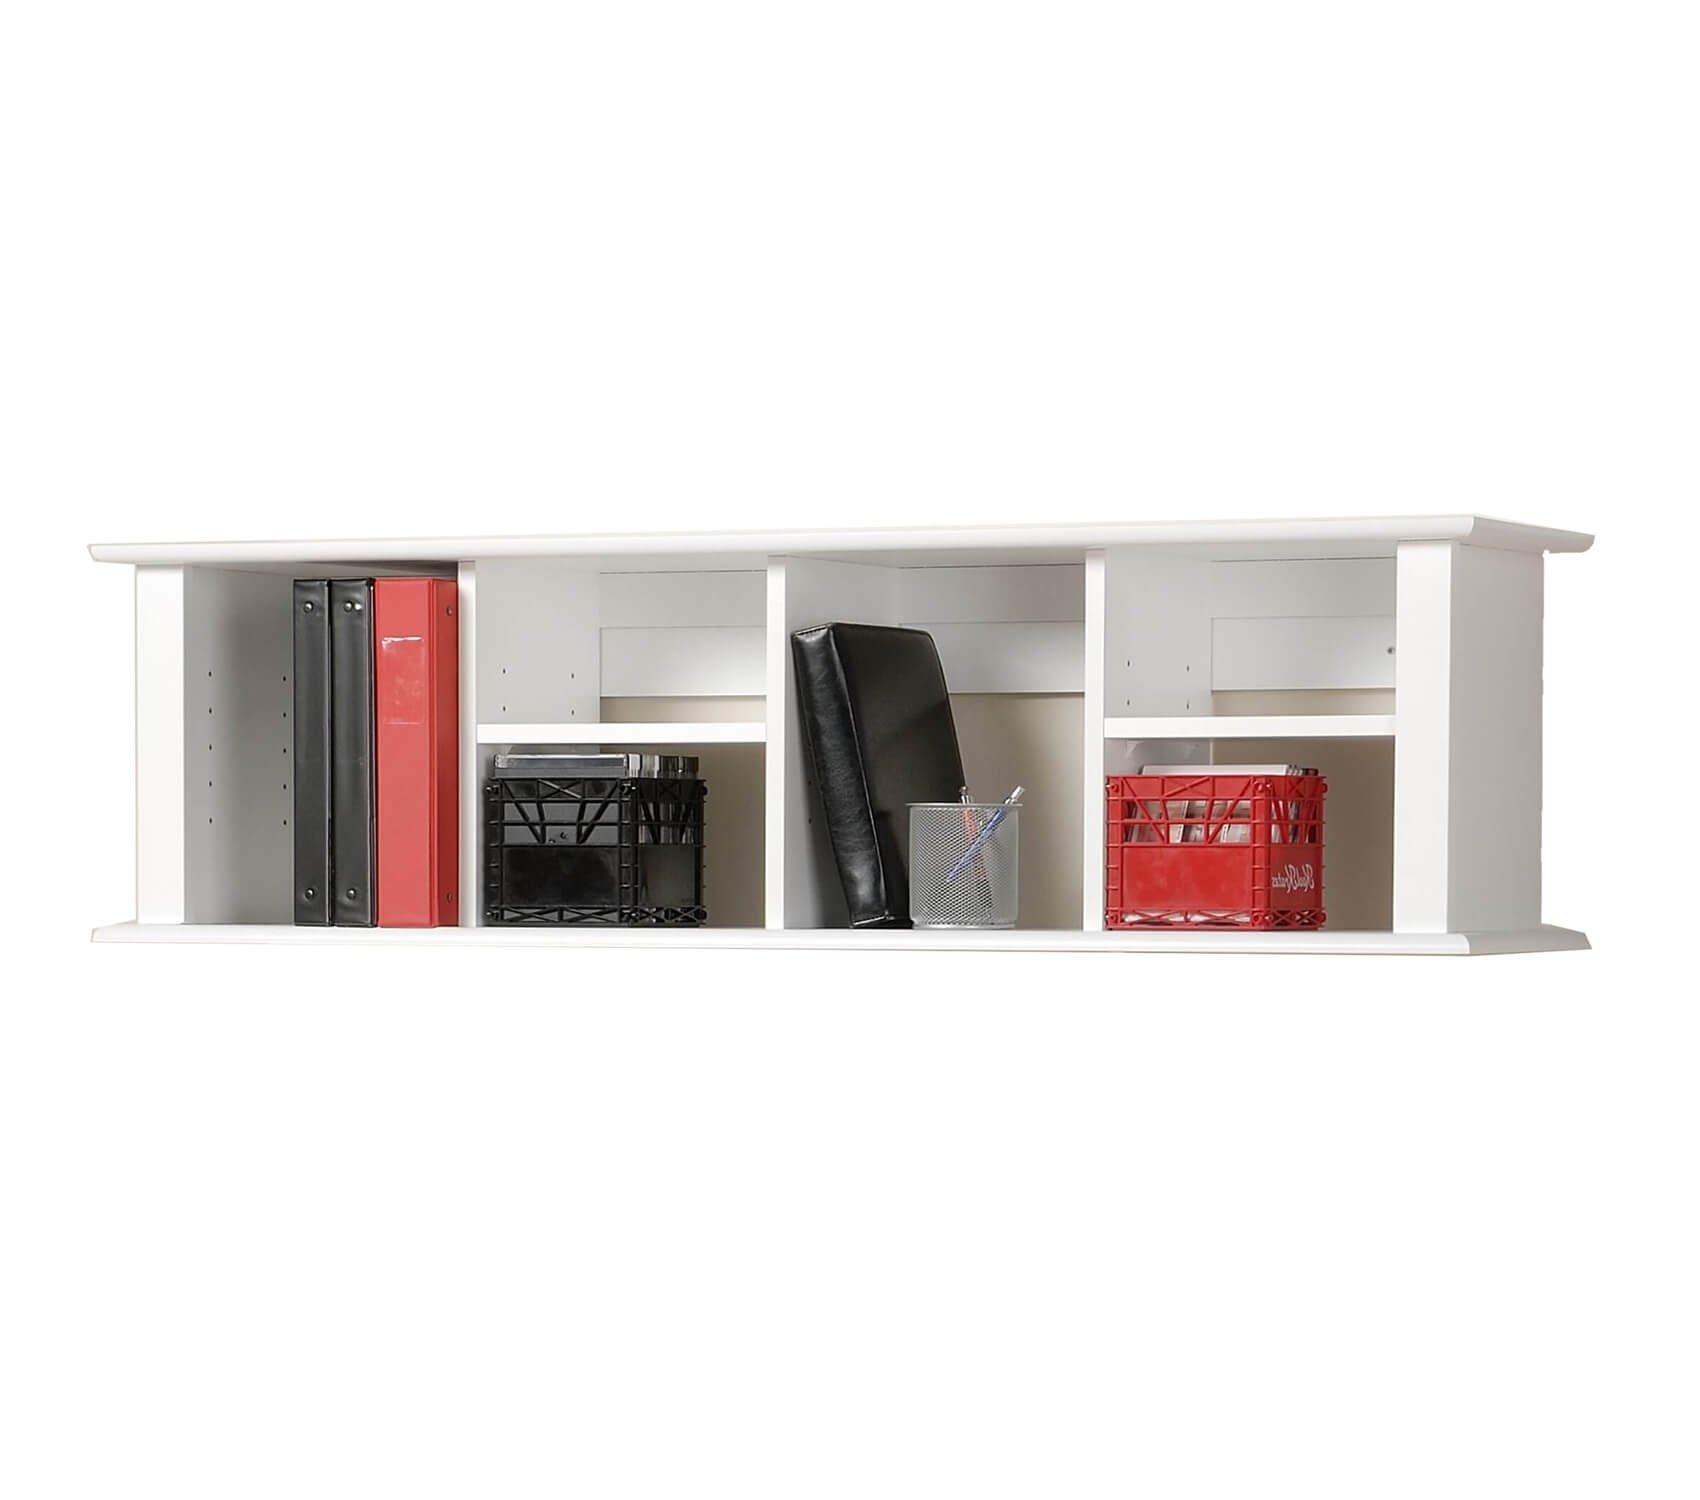 Computer Desk for Small Spaces - Zero Gravity Wall Shelf Desk